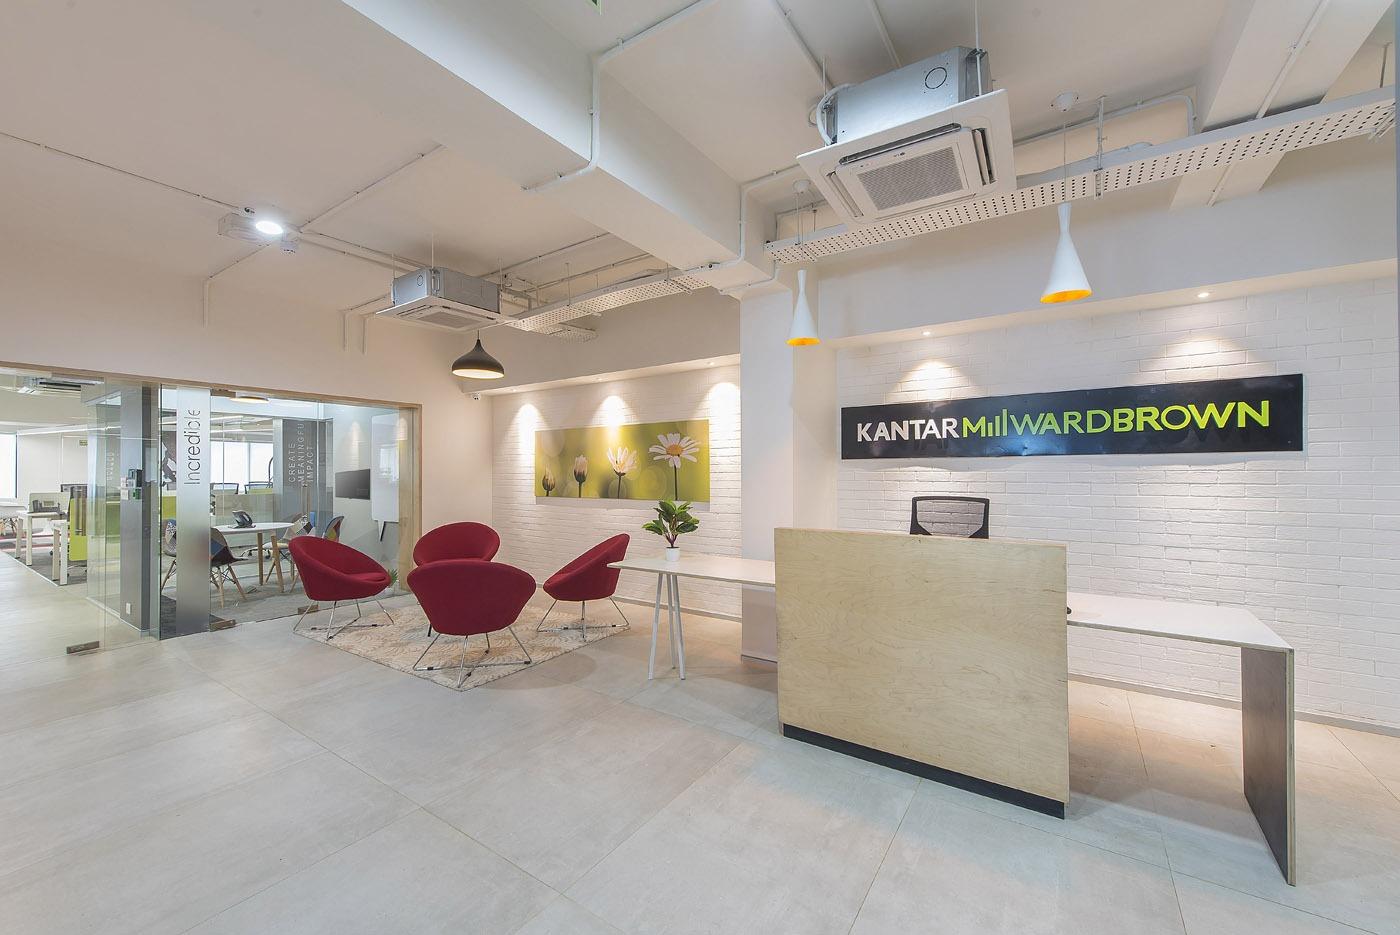 internship for interior designers in bangalore mumbai